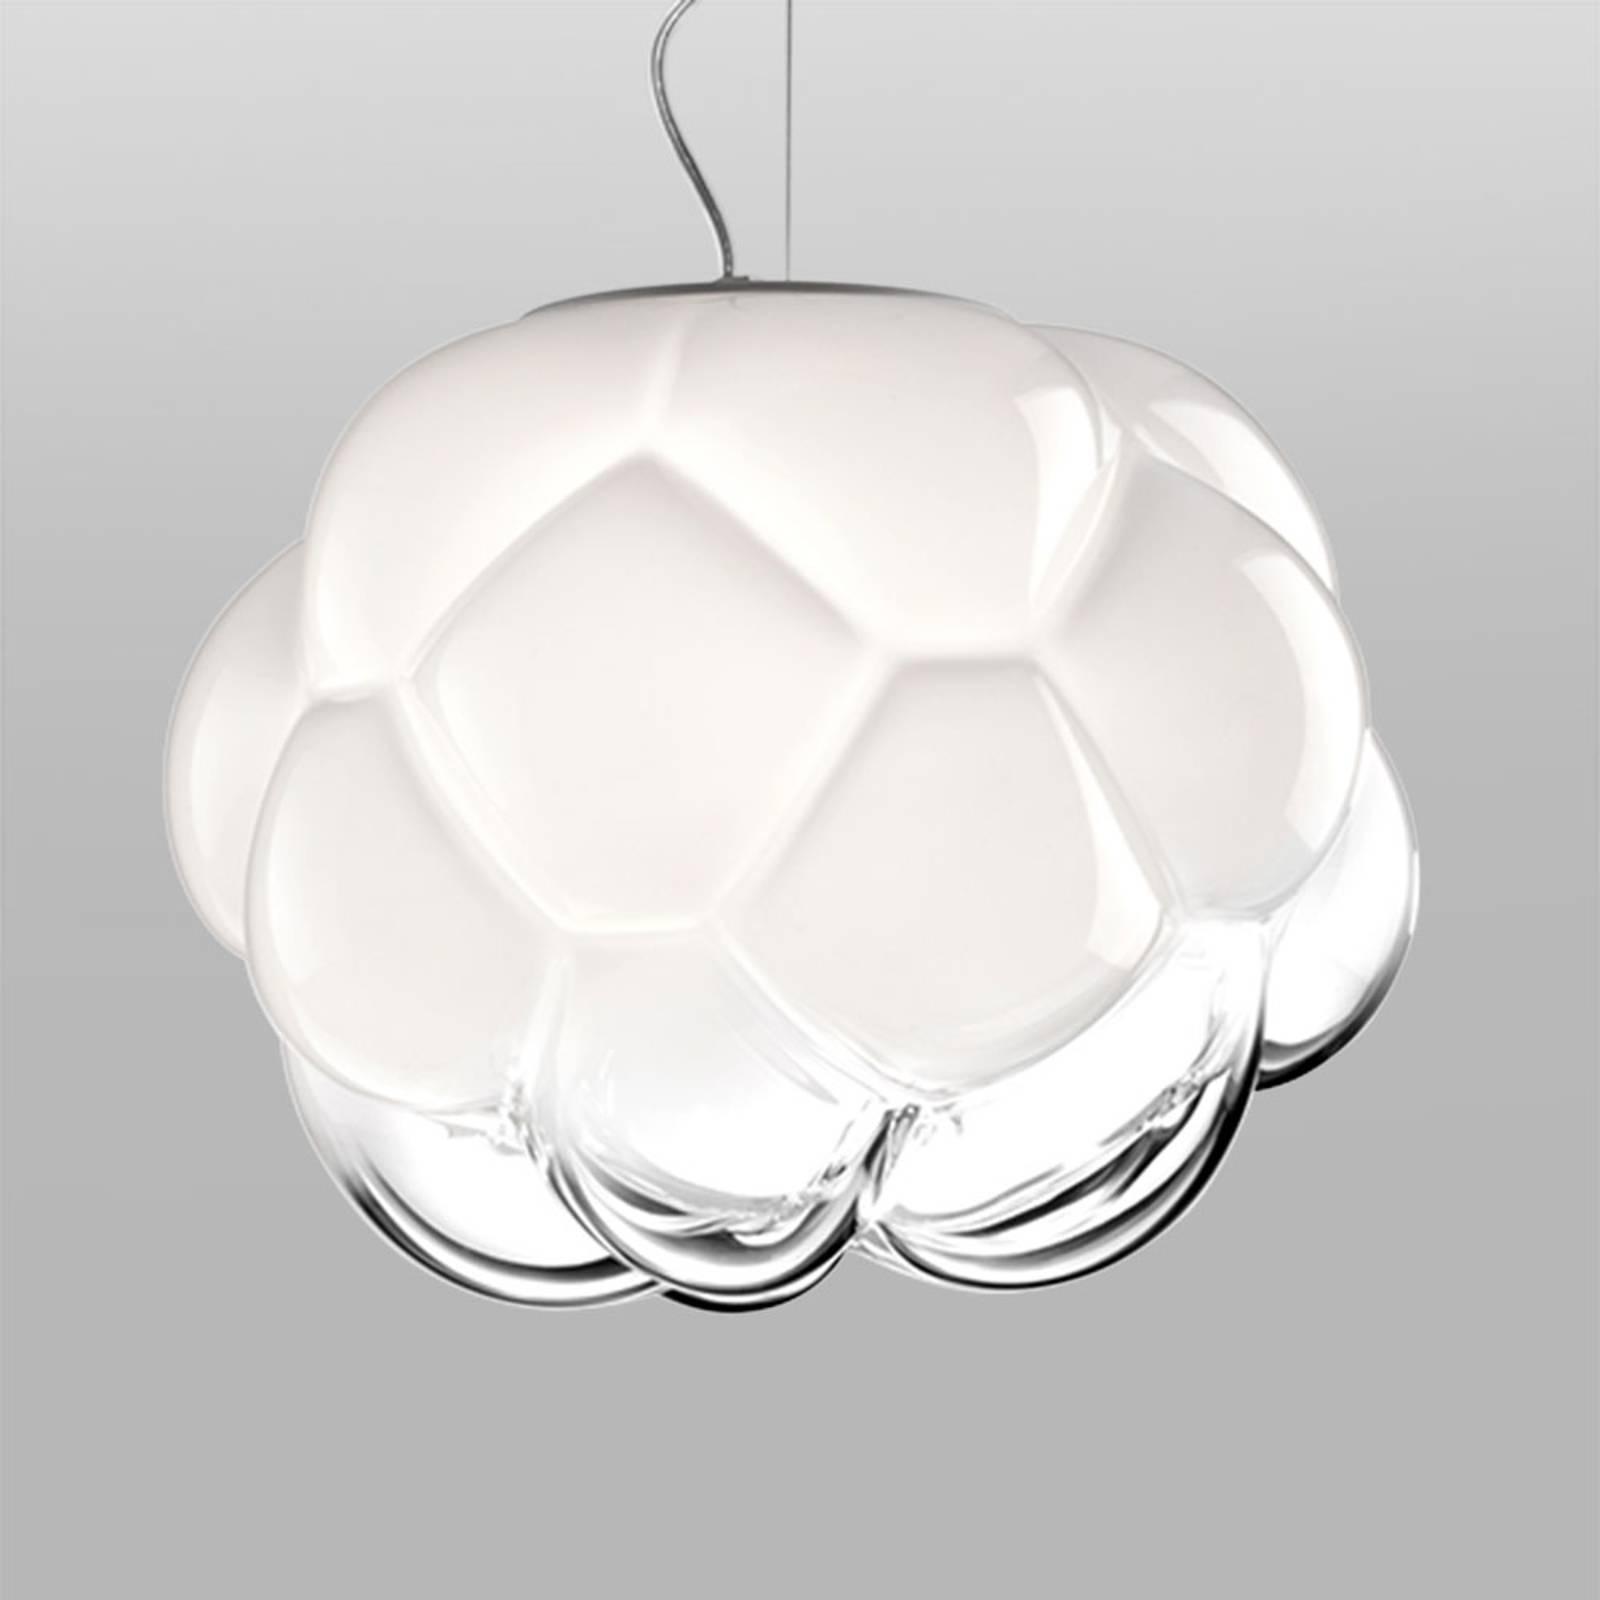 Suspension LED en forme de nuage Cloudy 40 cm